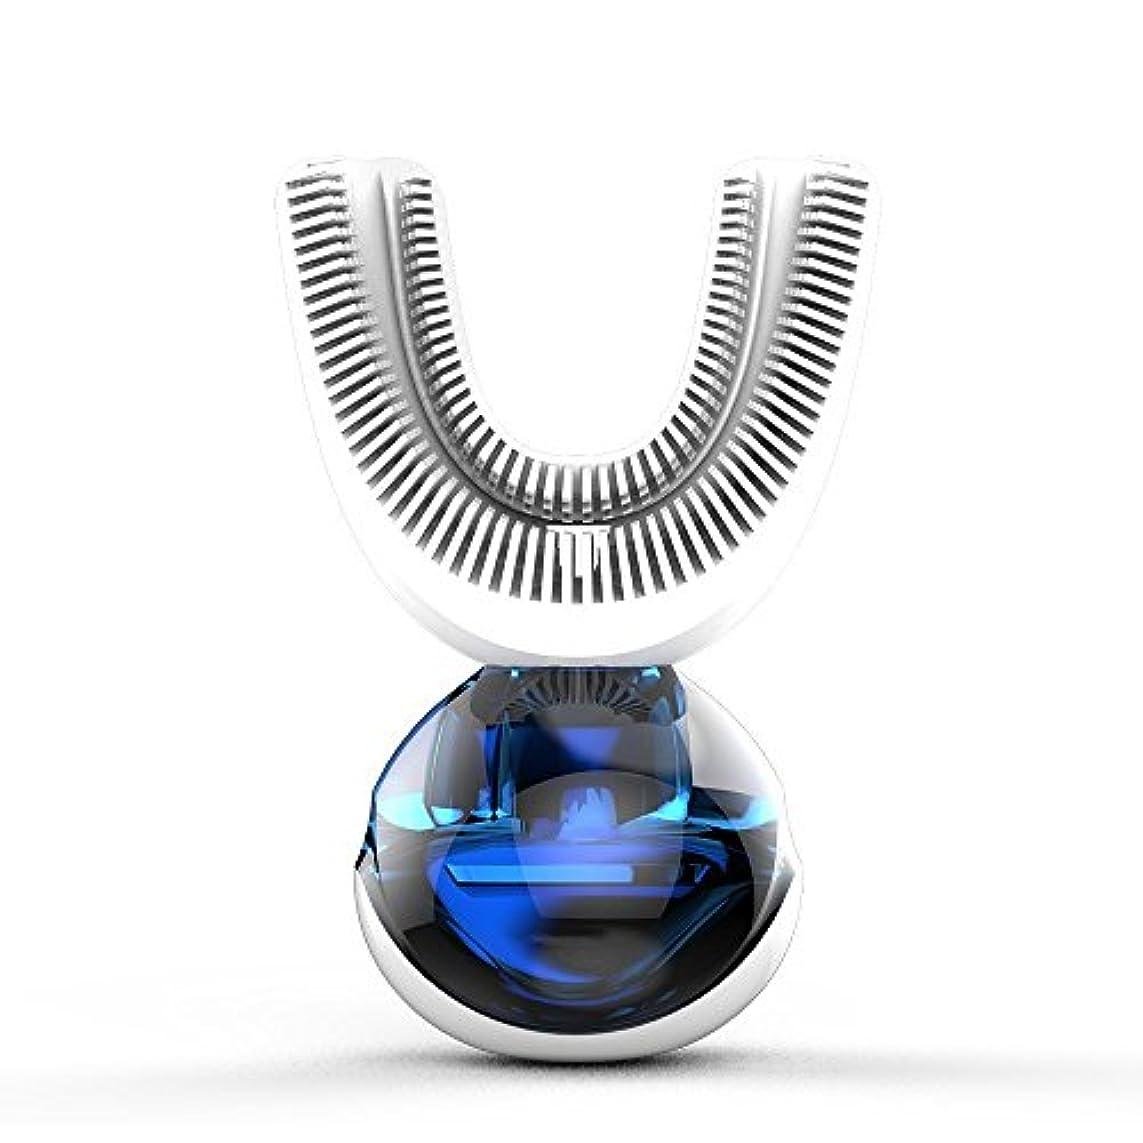 水曜日悪魔ハリケーンフルオートマチック可変周波数電動歯ブラシ、自動360度U字型電動歯ブラシ、ワイヤレス充電IPX7防水自動歯ブラシ(大人用)